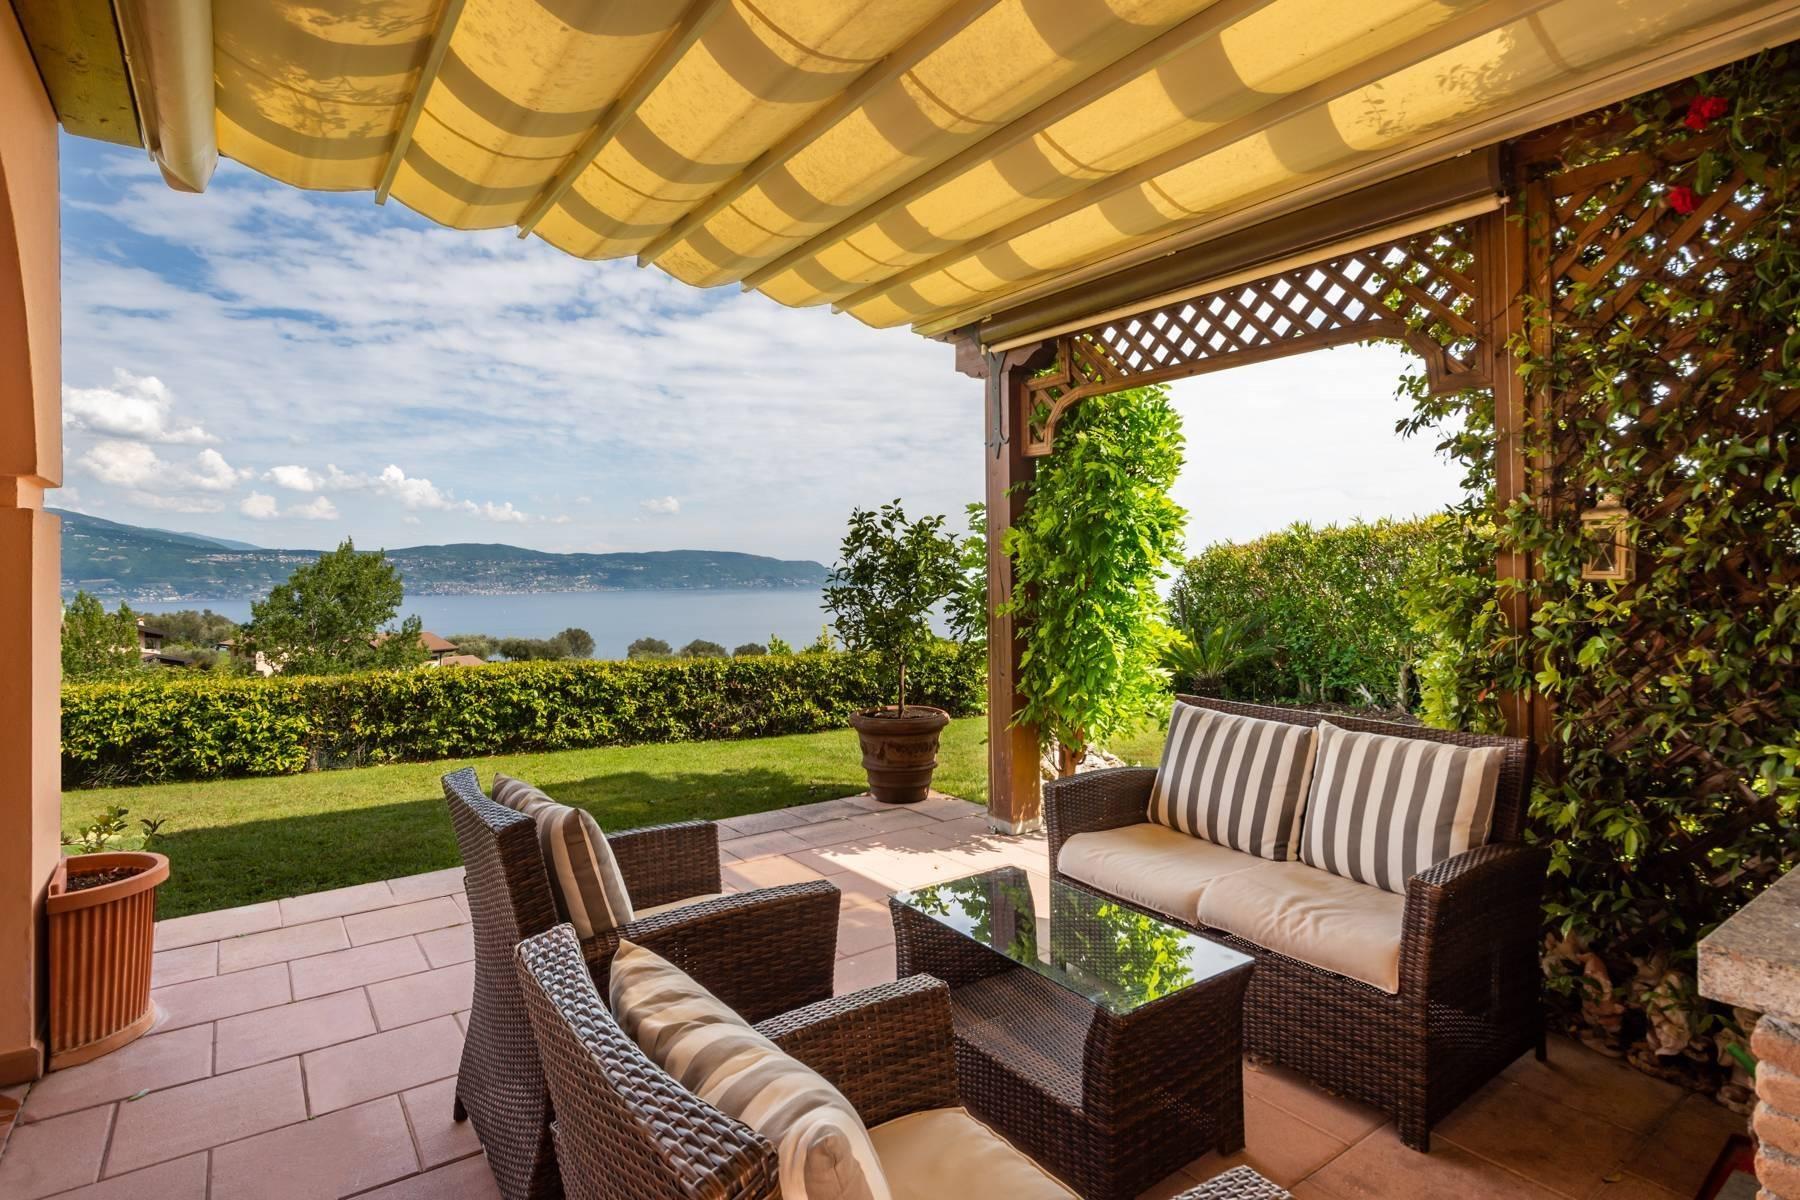 Casa indipendente in Vendita a Toscolano-Maderno: 4 locali, 76 mq - Foto 1